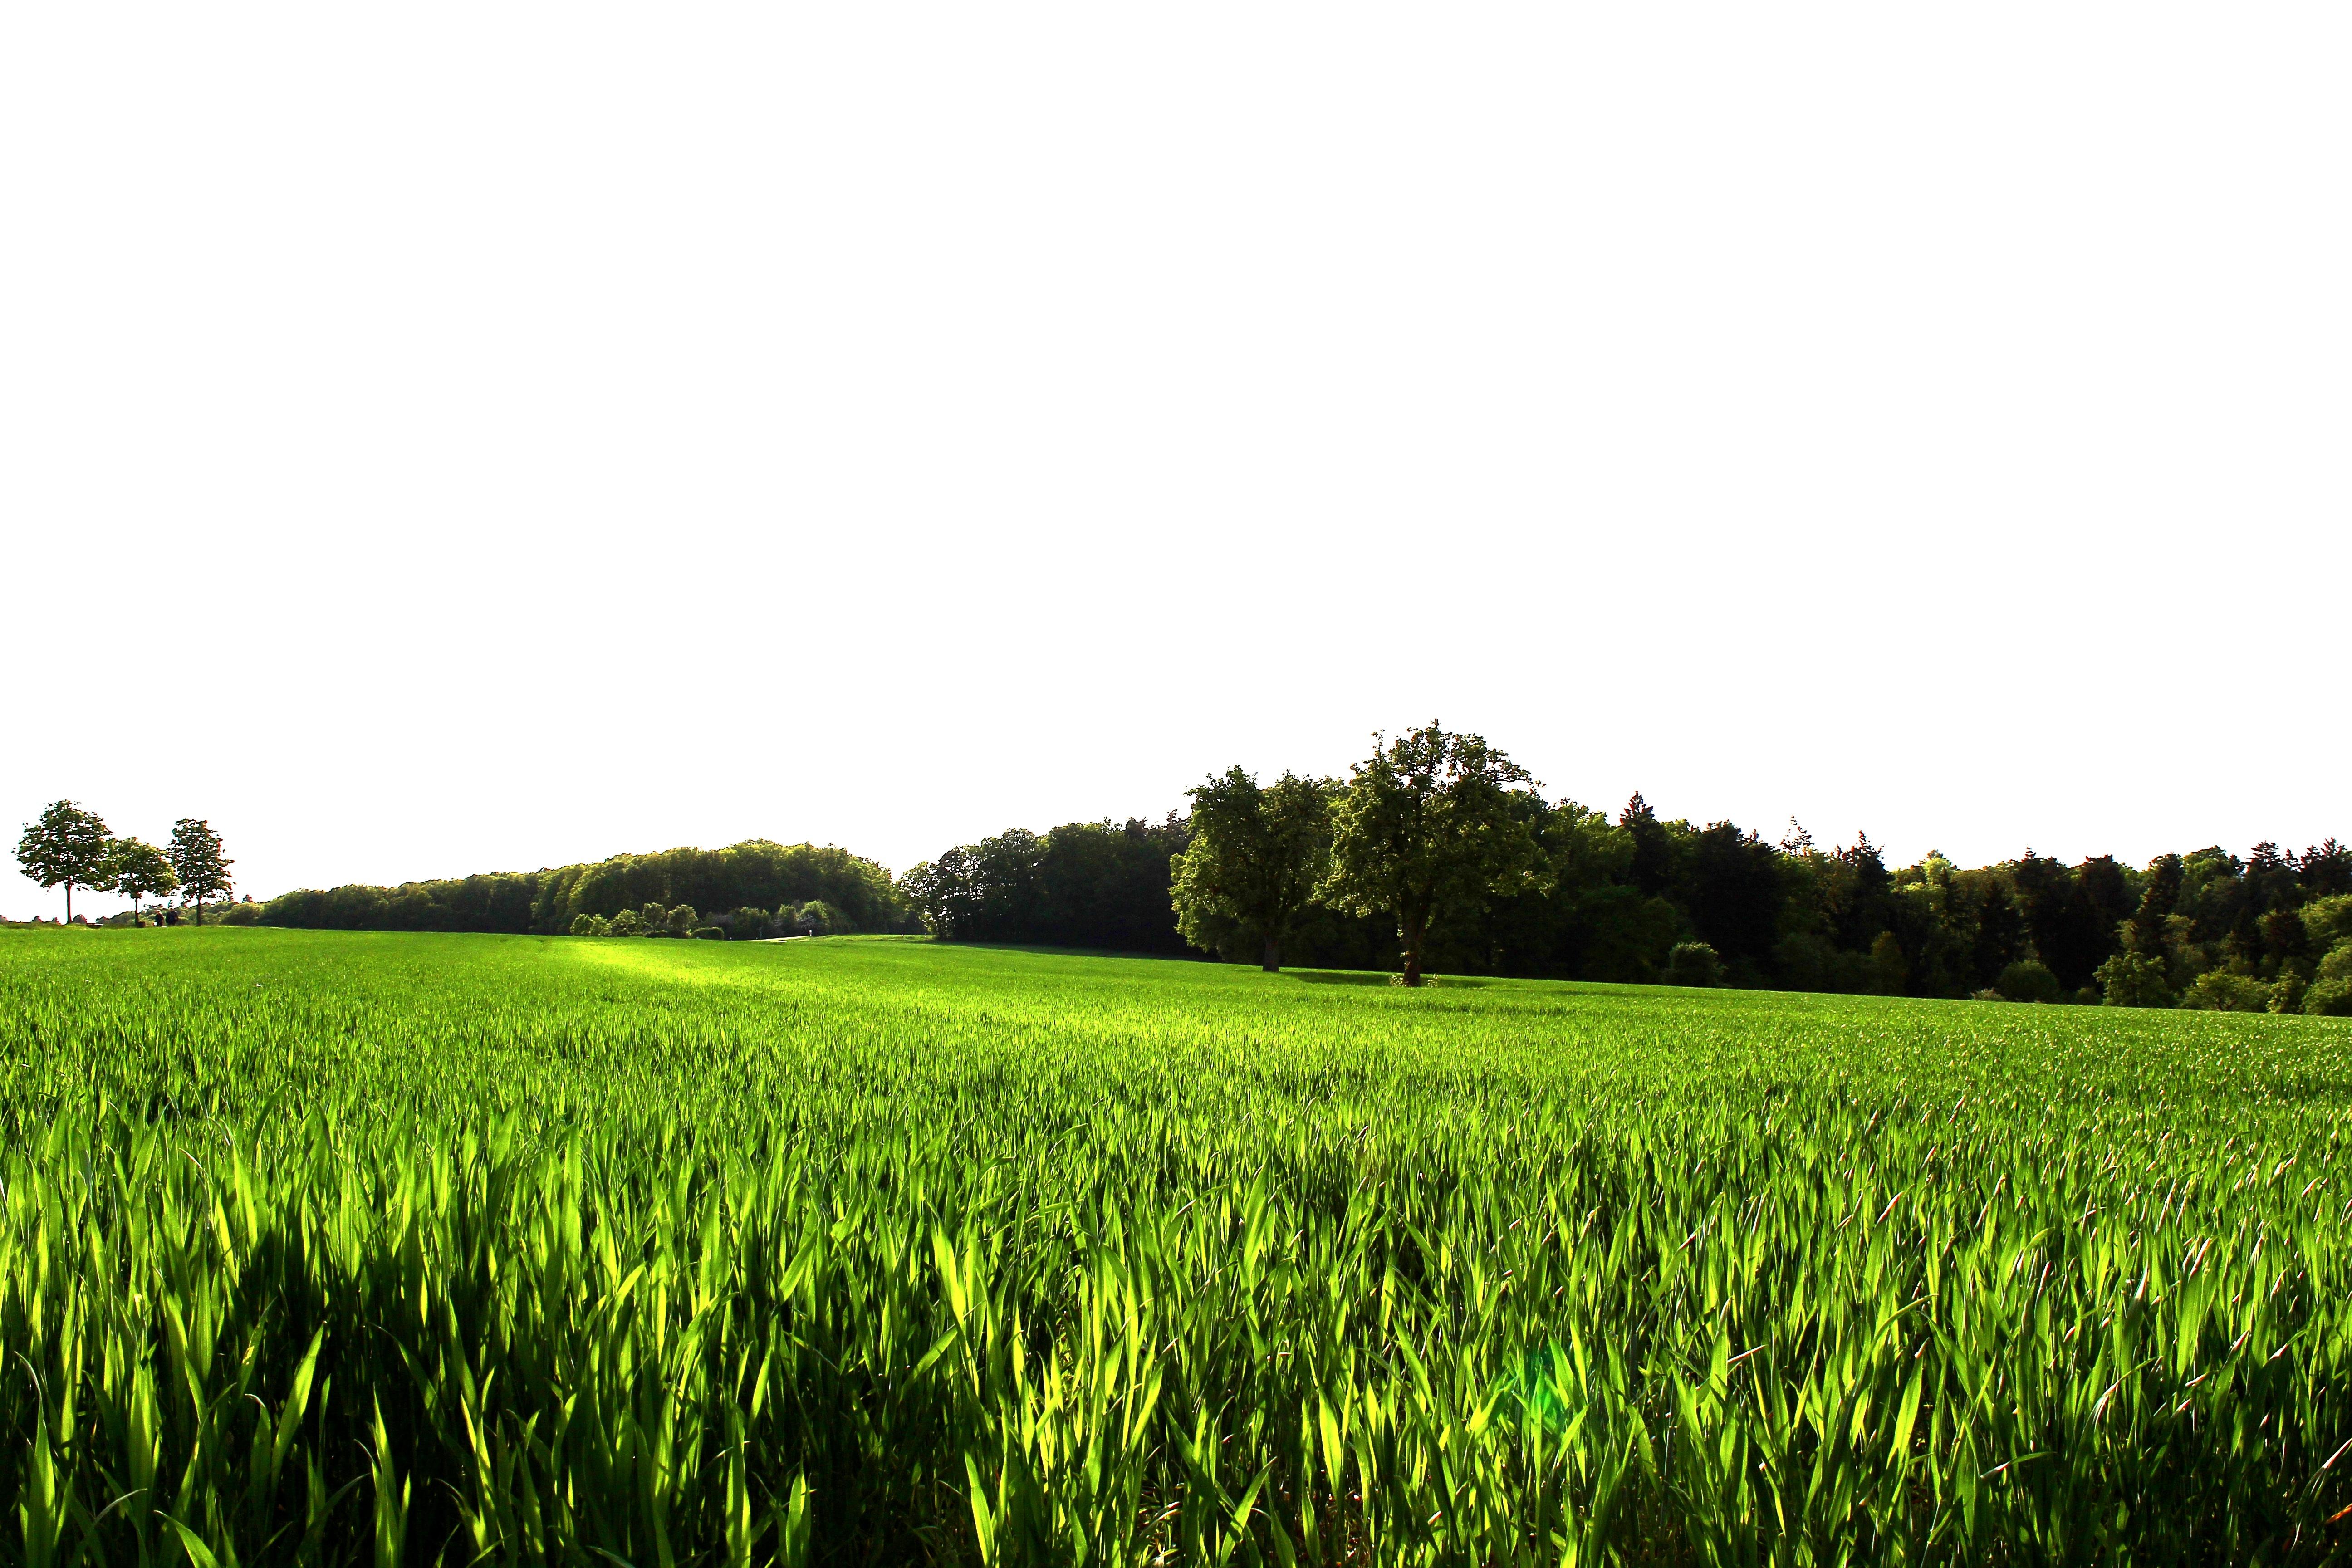 Картинки с зеленым лугом